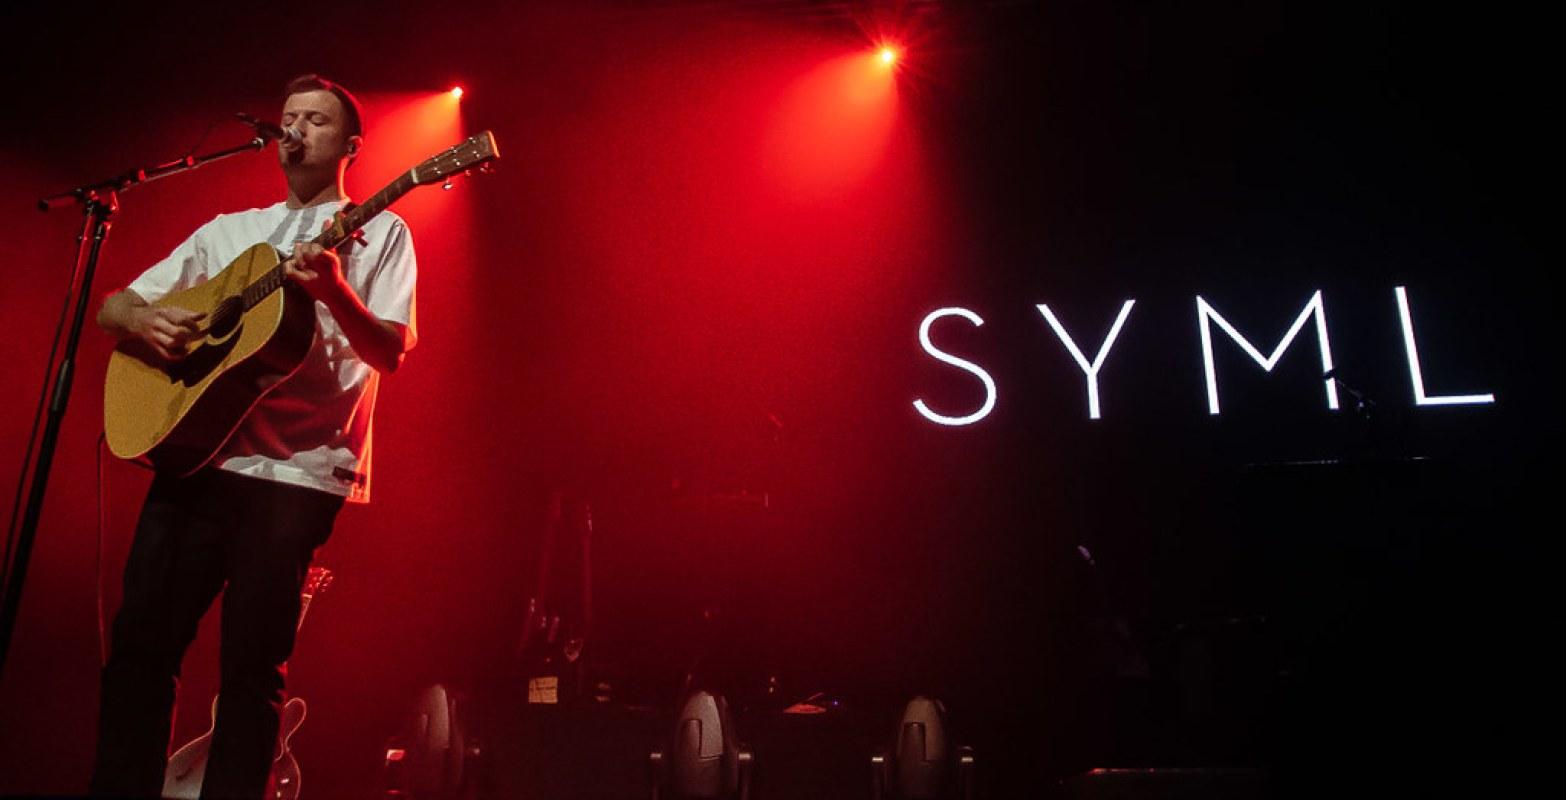 SYML-7 (1 of 1)